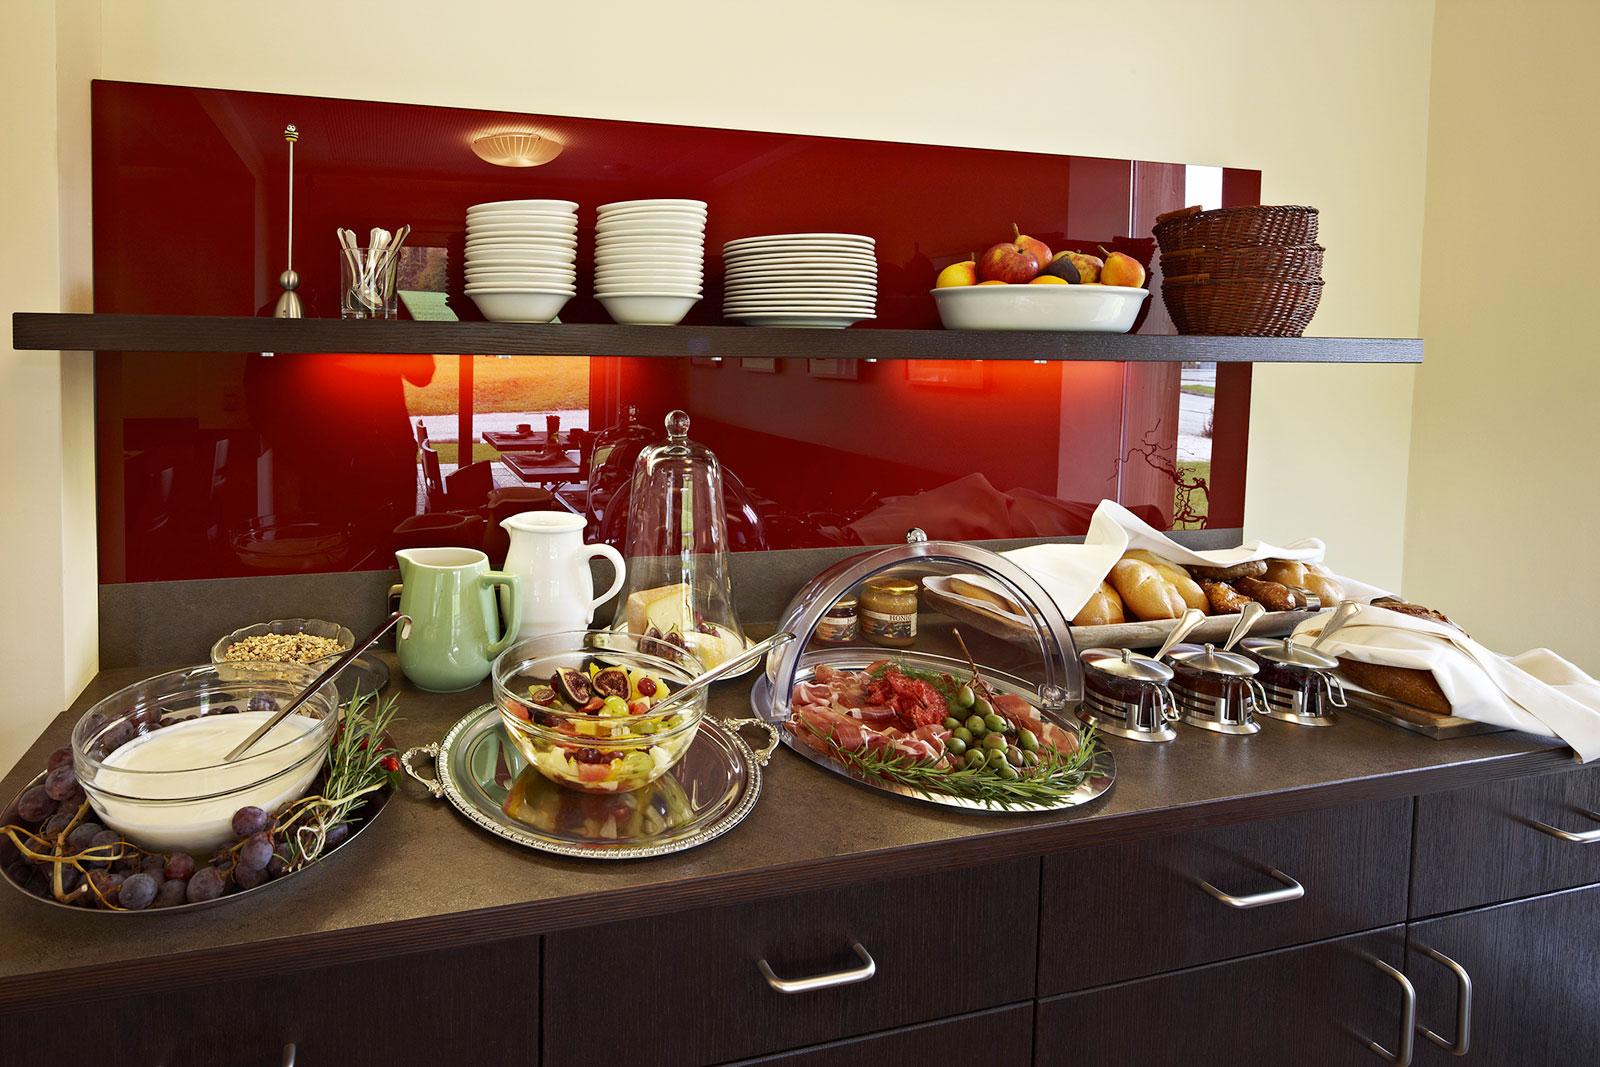 Frühstücksbuffet - Frühstück - Pension Jageredt